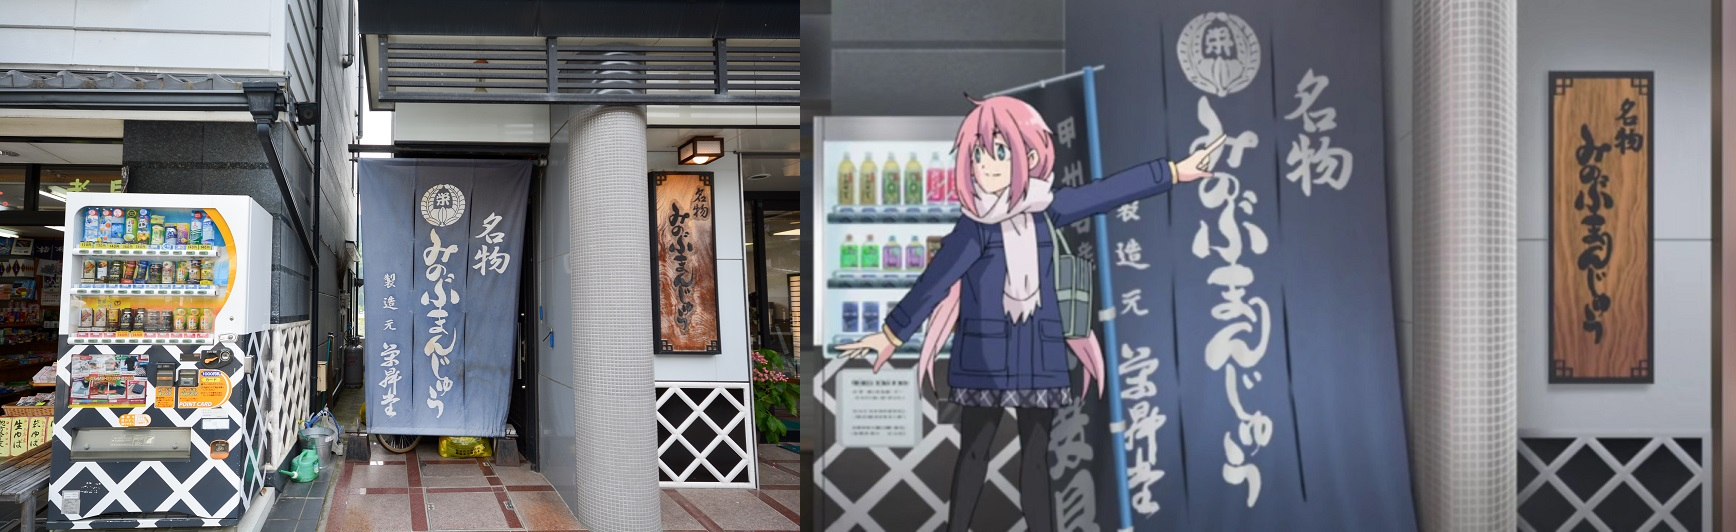 ゆるキャンアニメ内に登場した栄昇堂前の看板と自販機